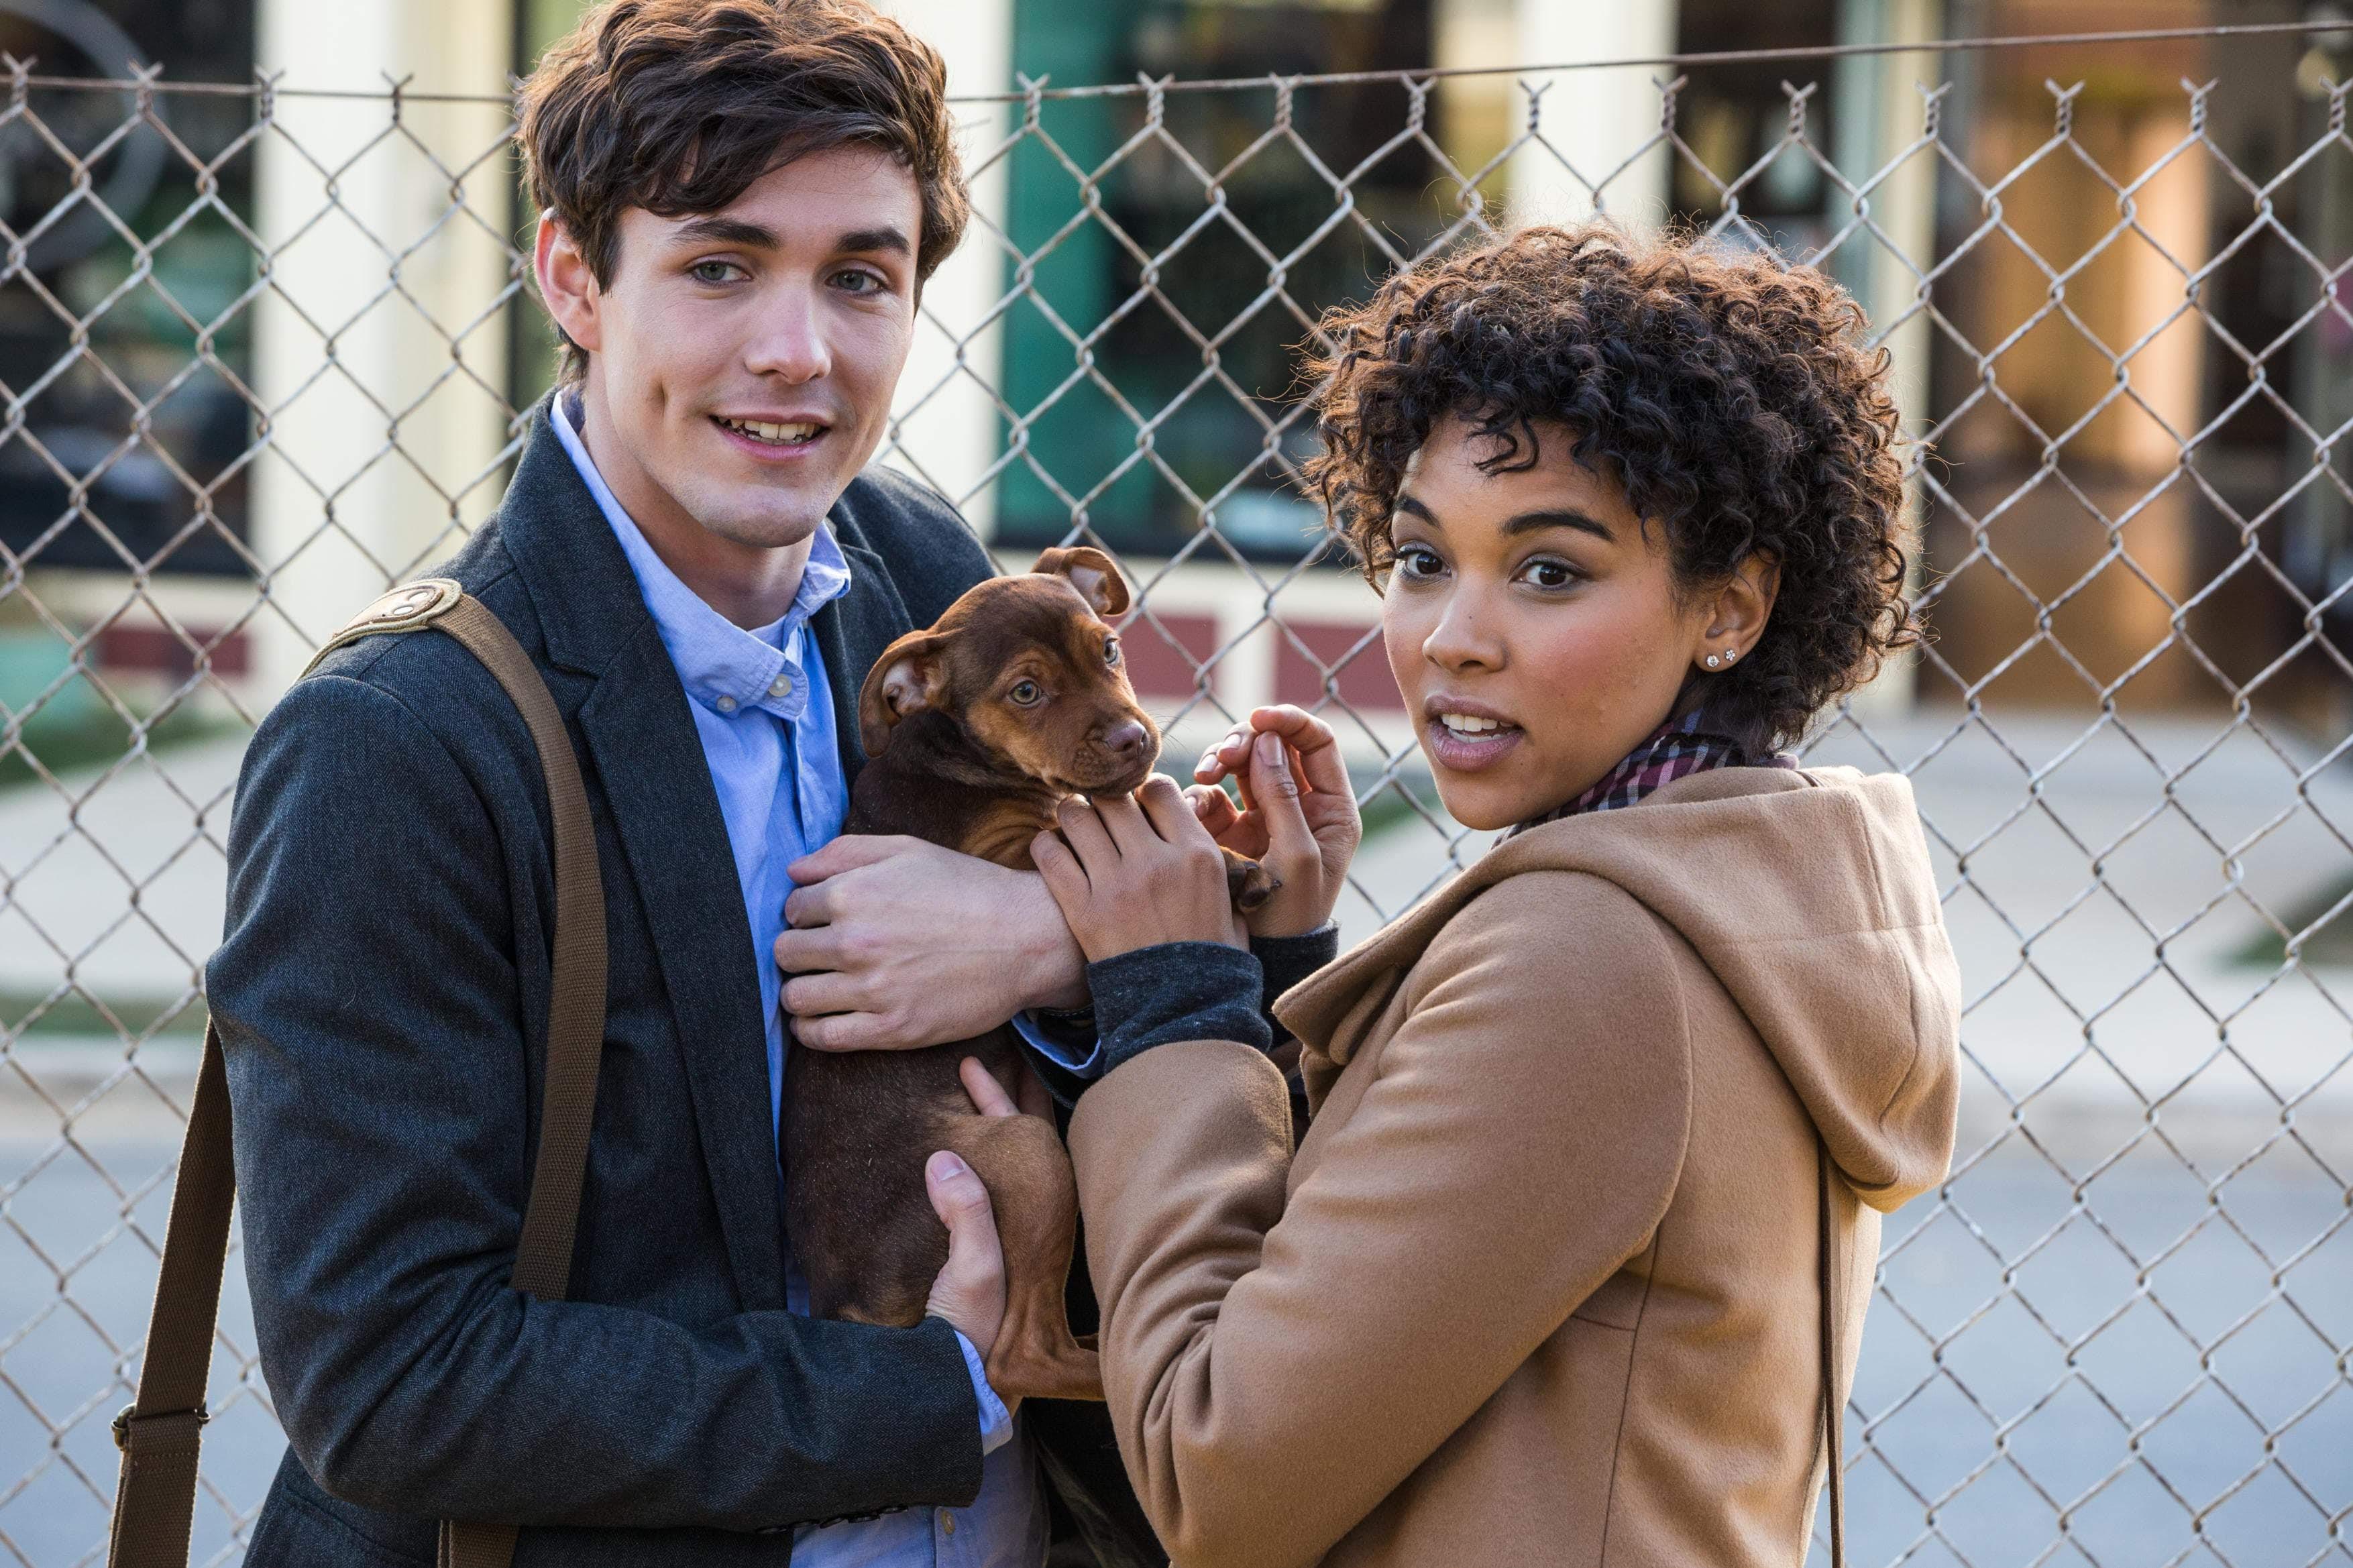 Box Office : 1月11日~13日の全米映画ボックスオフィスTOP5 - 離れ離れになった飼い主との再会を目指し、640キロ以上の道のりを旅する犬の冒険を描いたファミリー映画「ドッグ'ズ・ウェイ・ホーム」が想定通りのヒットの初登場第3位 ! !